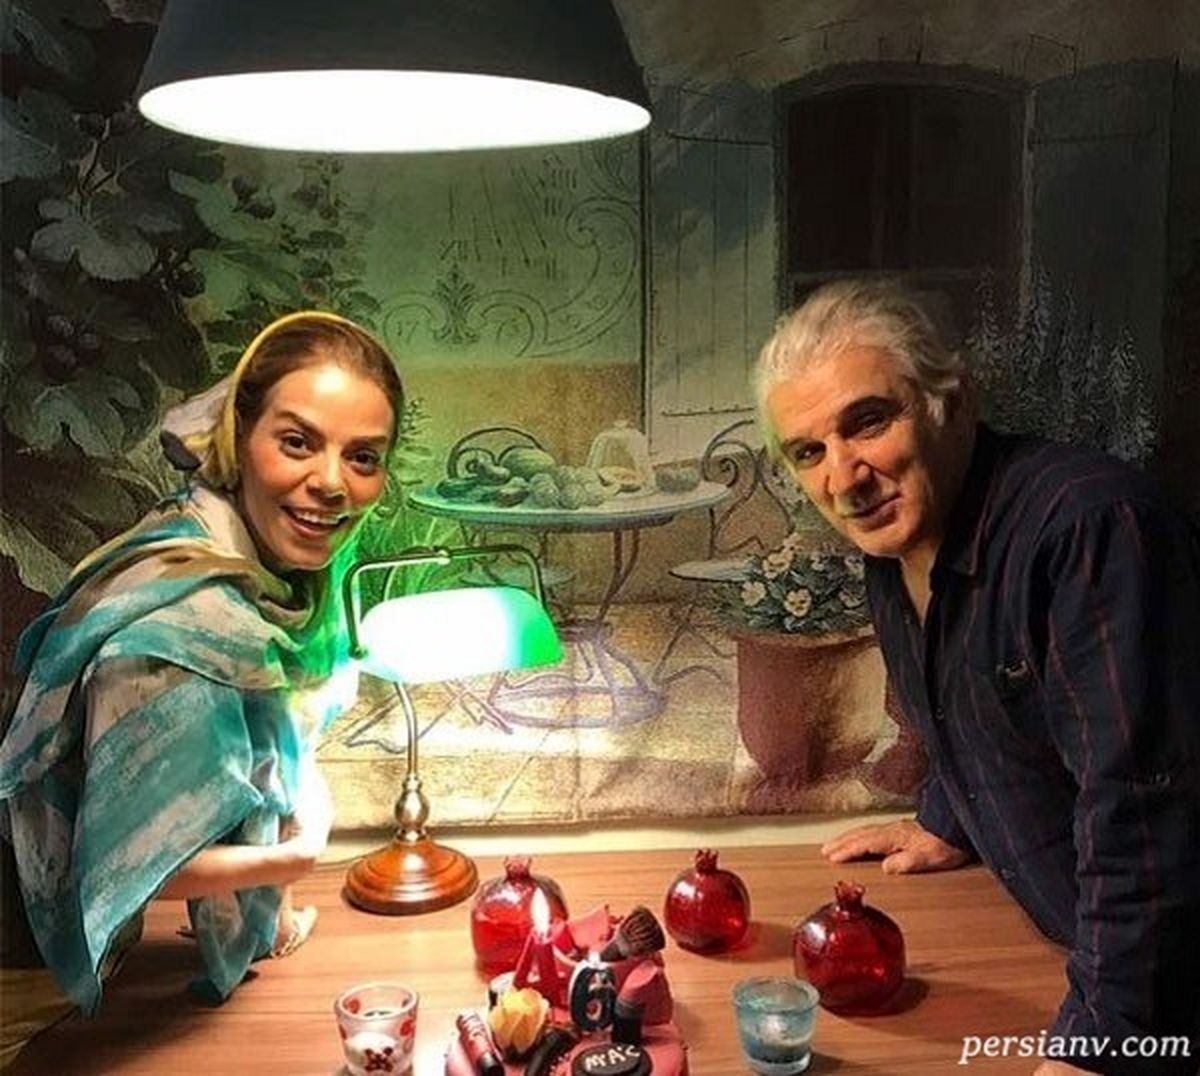 ازدواجی که مهدی هاشمی تایید و دخترش تکذیب کرد!